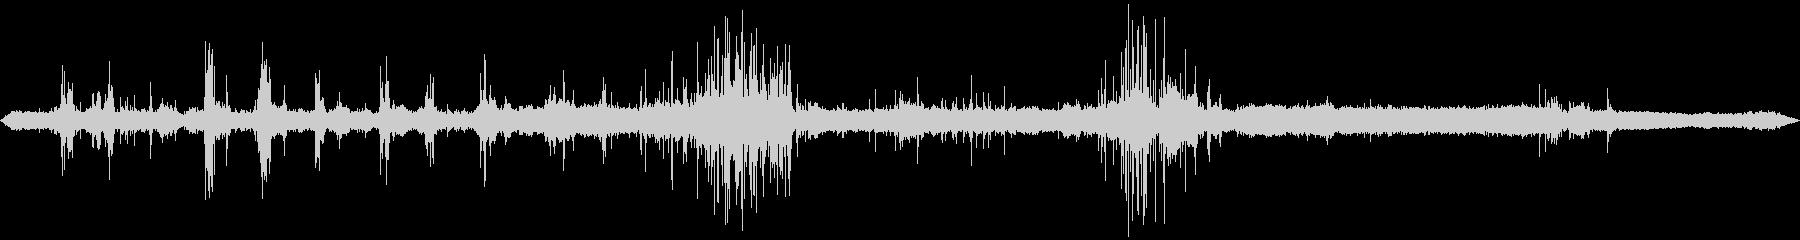 オートレッキングヤード:リフターロ...の未再生の波形